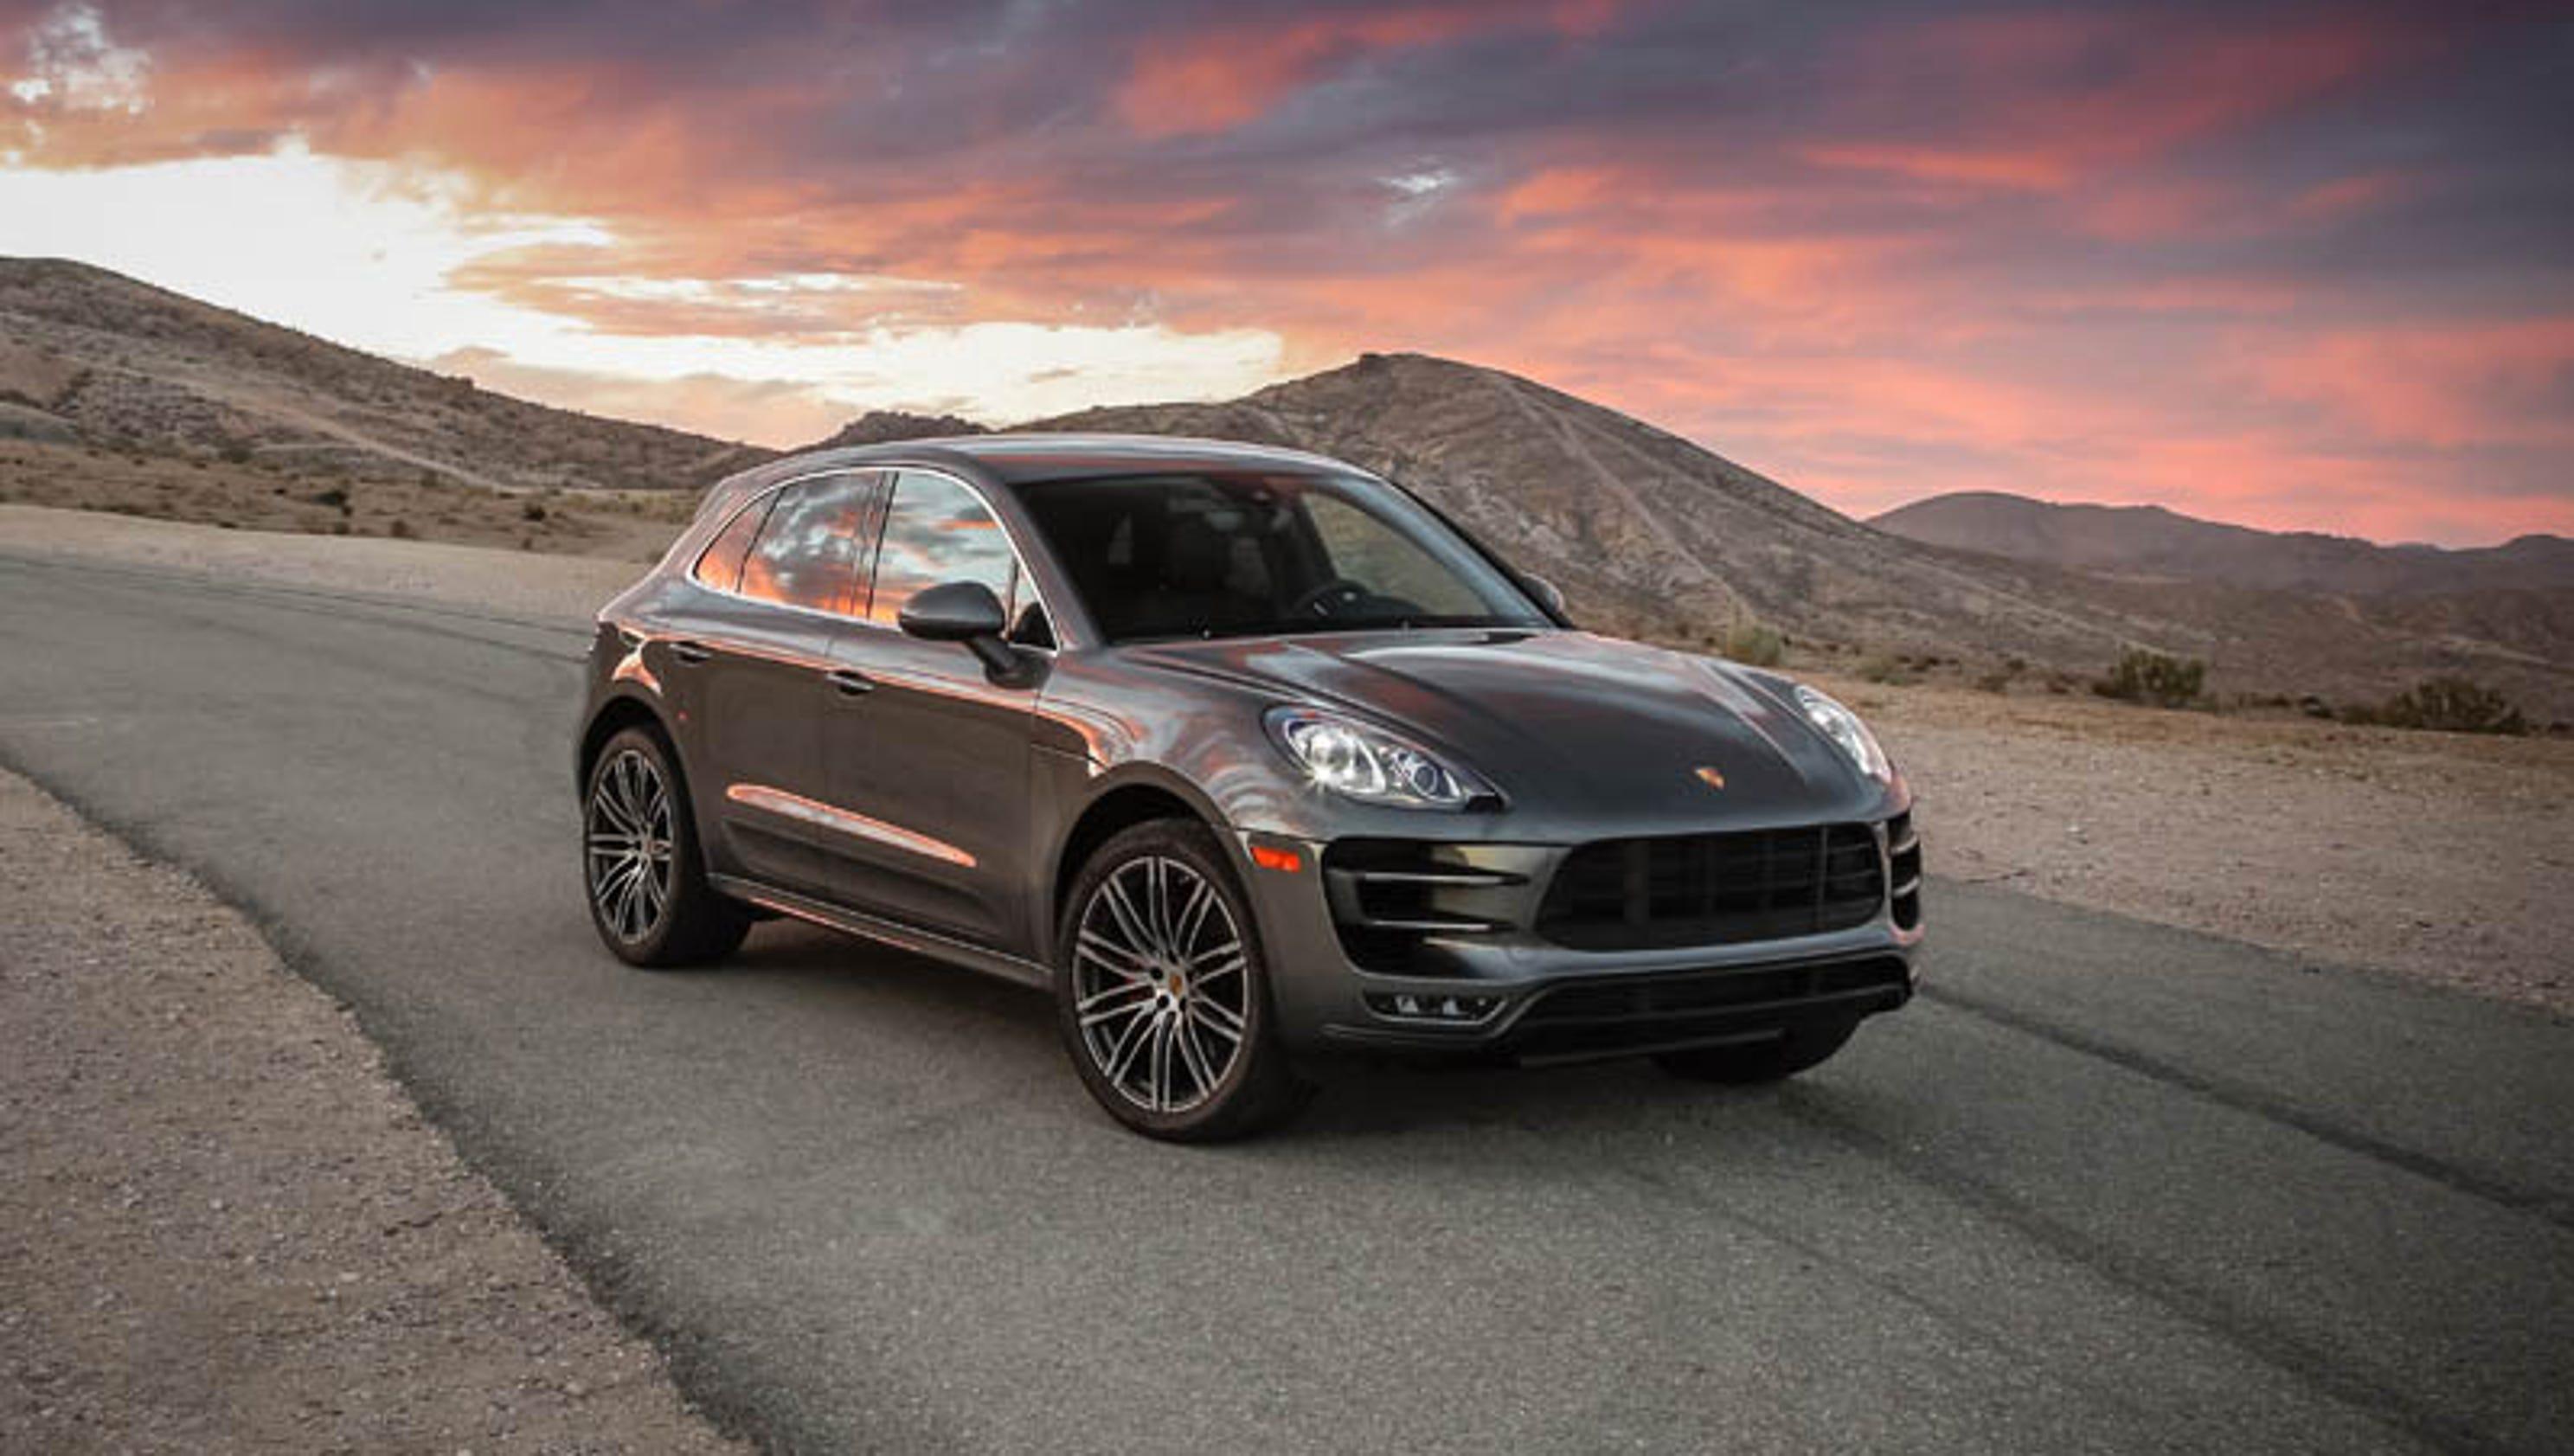 Photos 2015 Porsche Macan Turbo